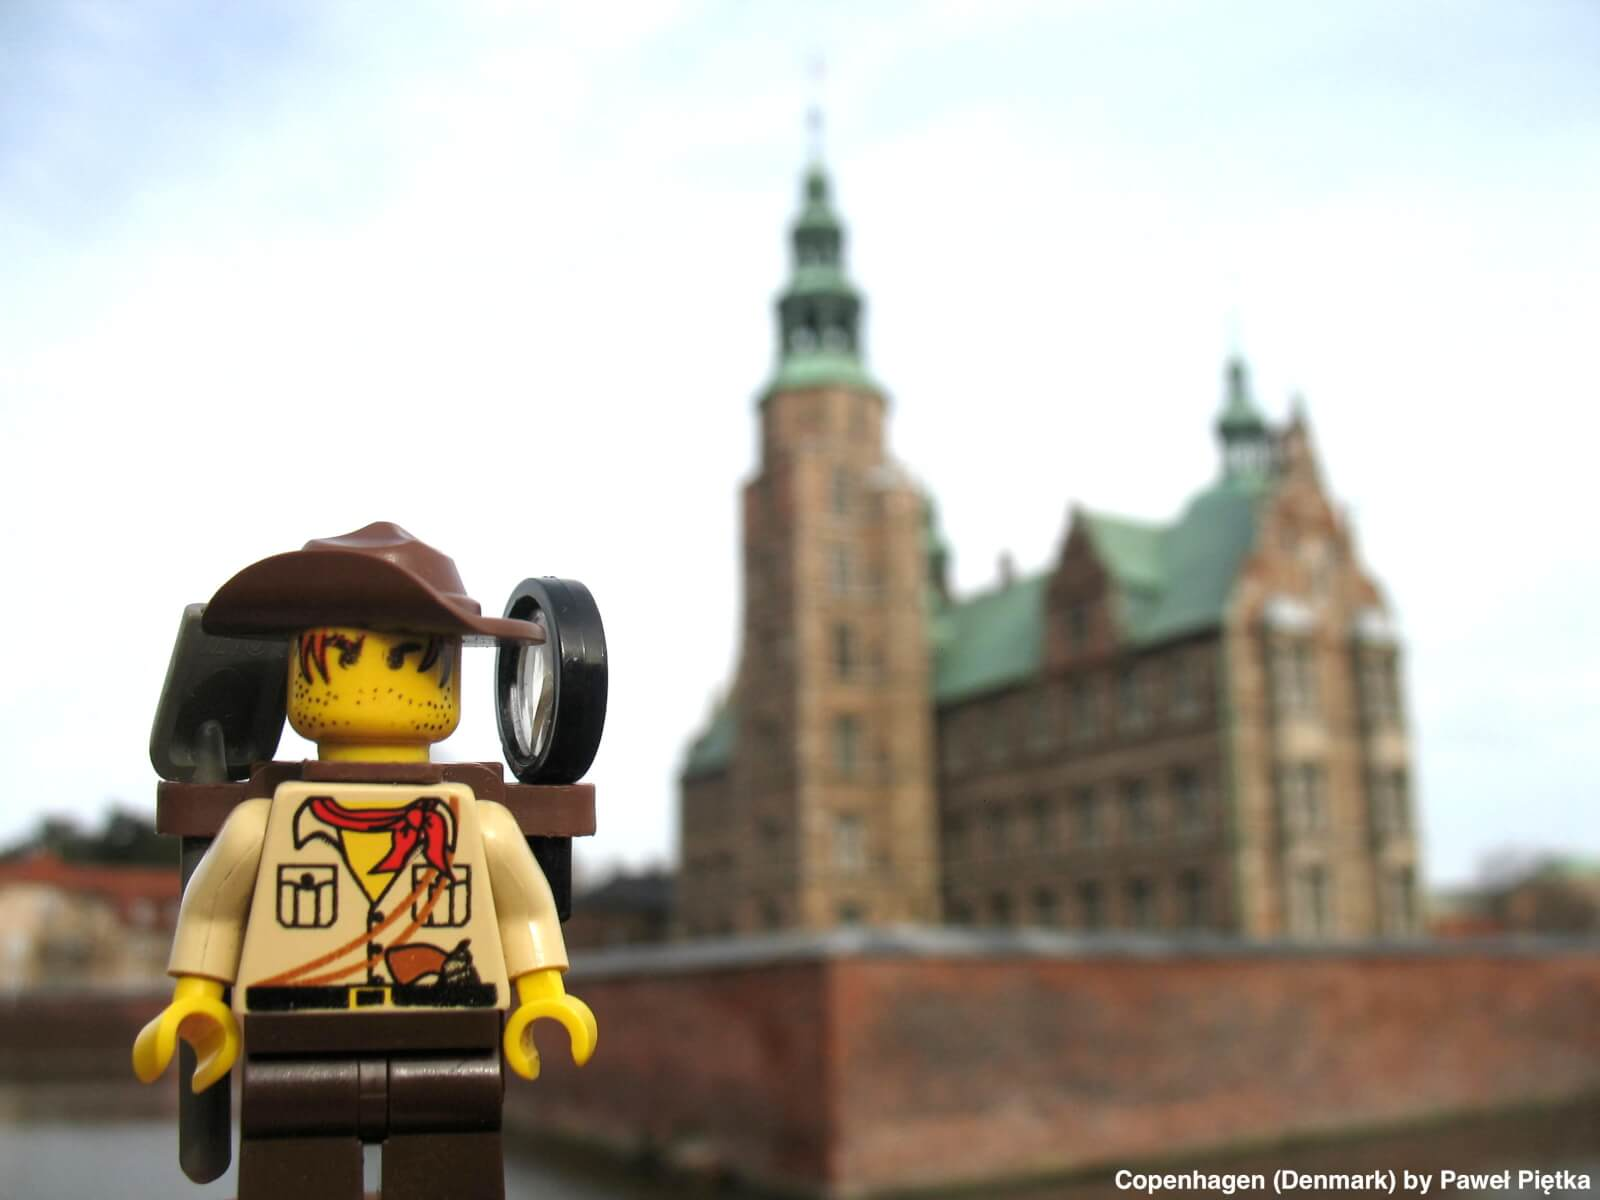 Copenhagen (Denmark) - Rosenborg Castle 2